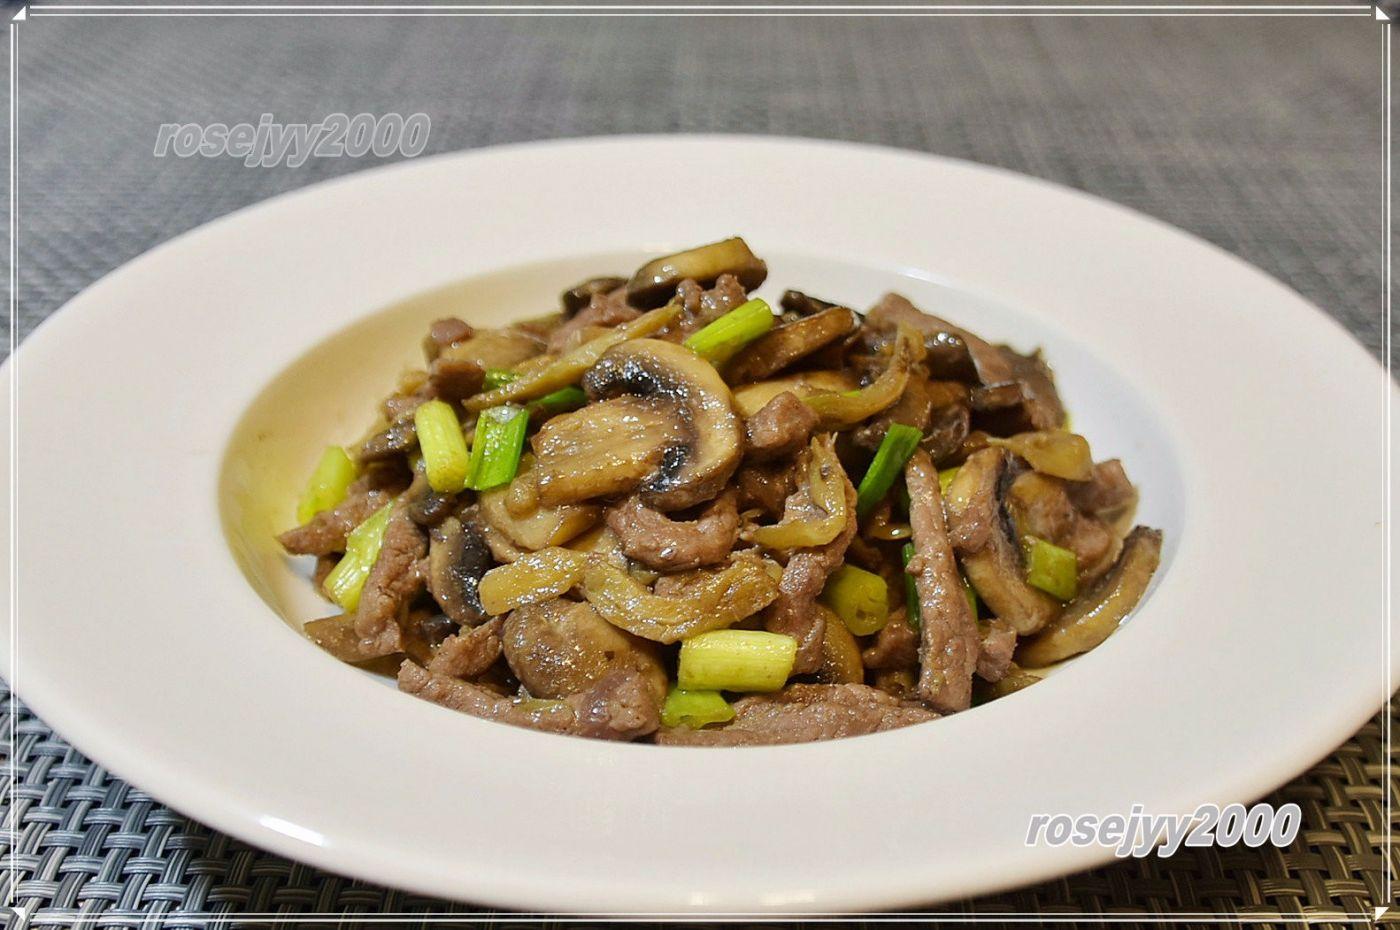 榨菜牛肉炒蘑菇_图1-1